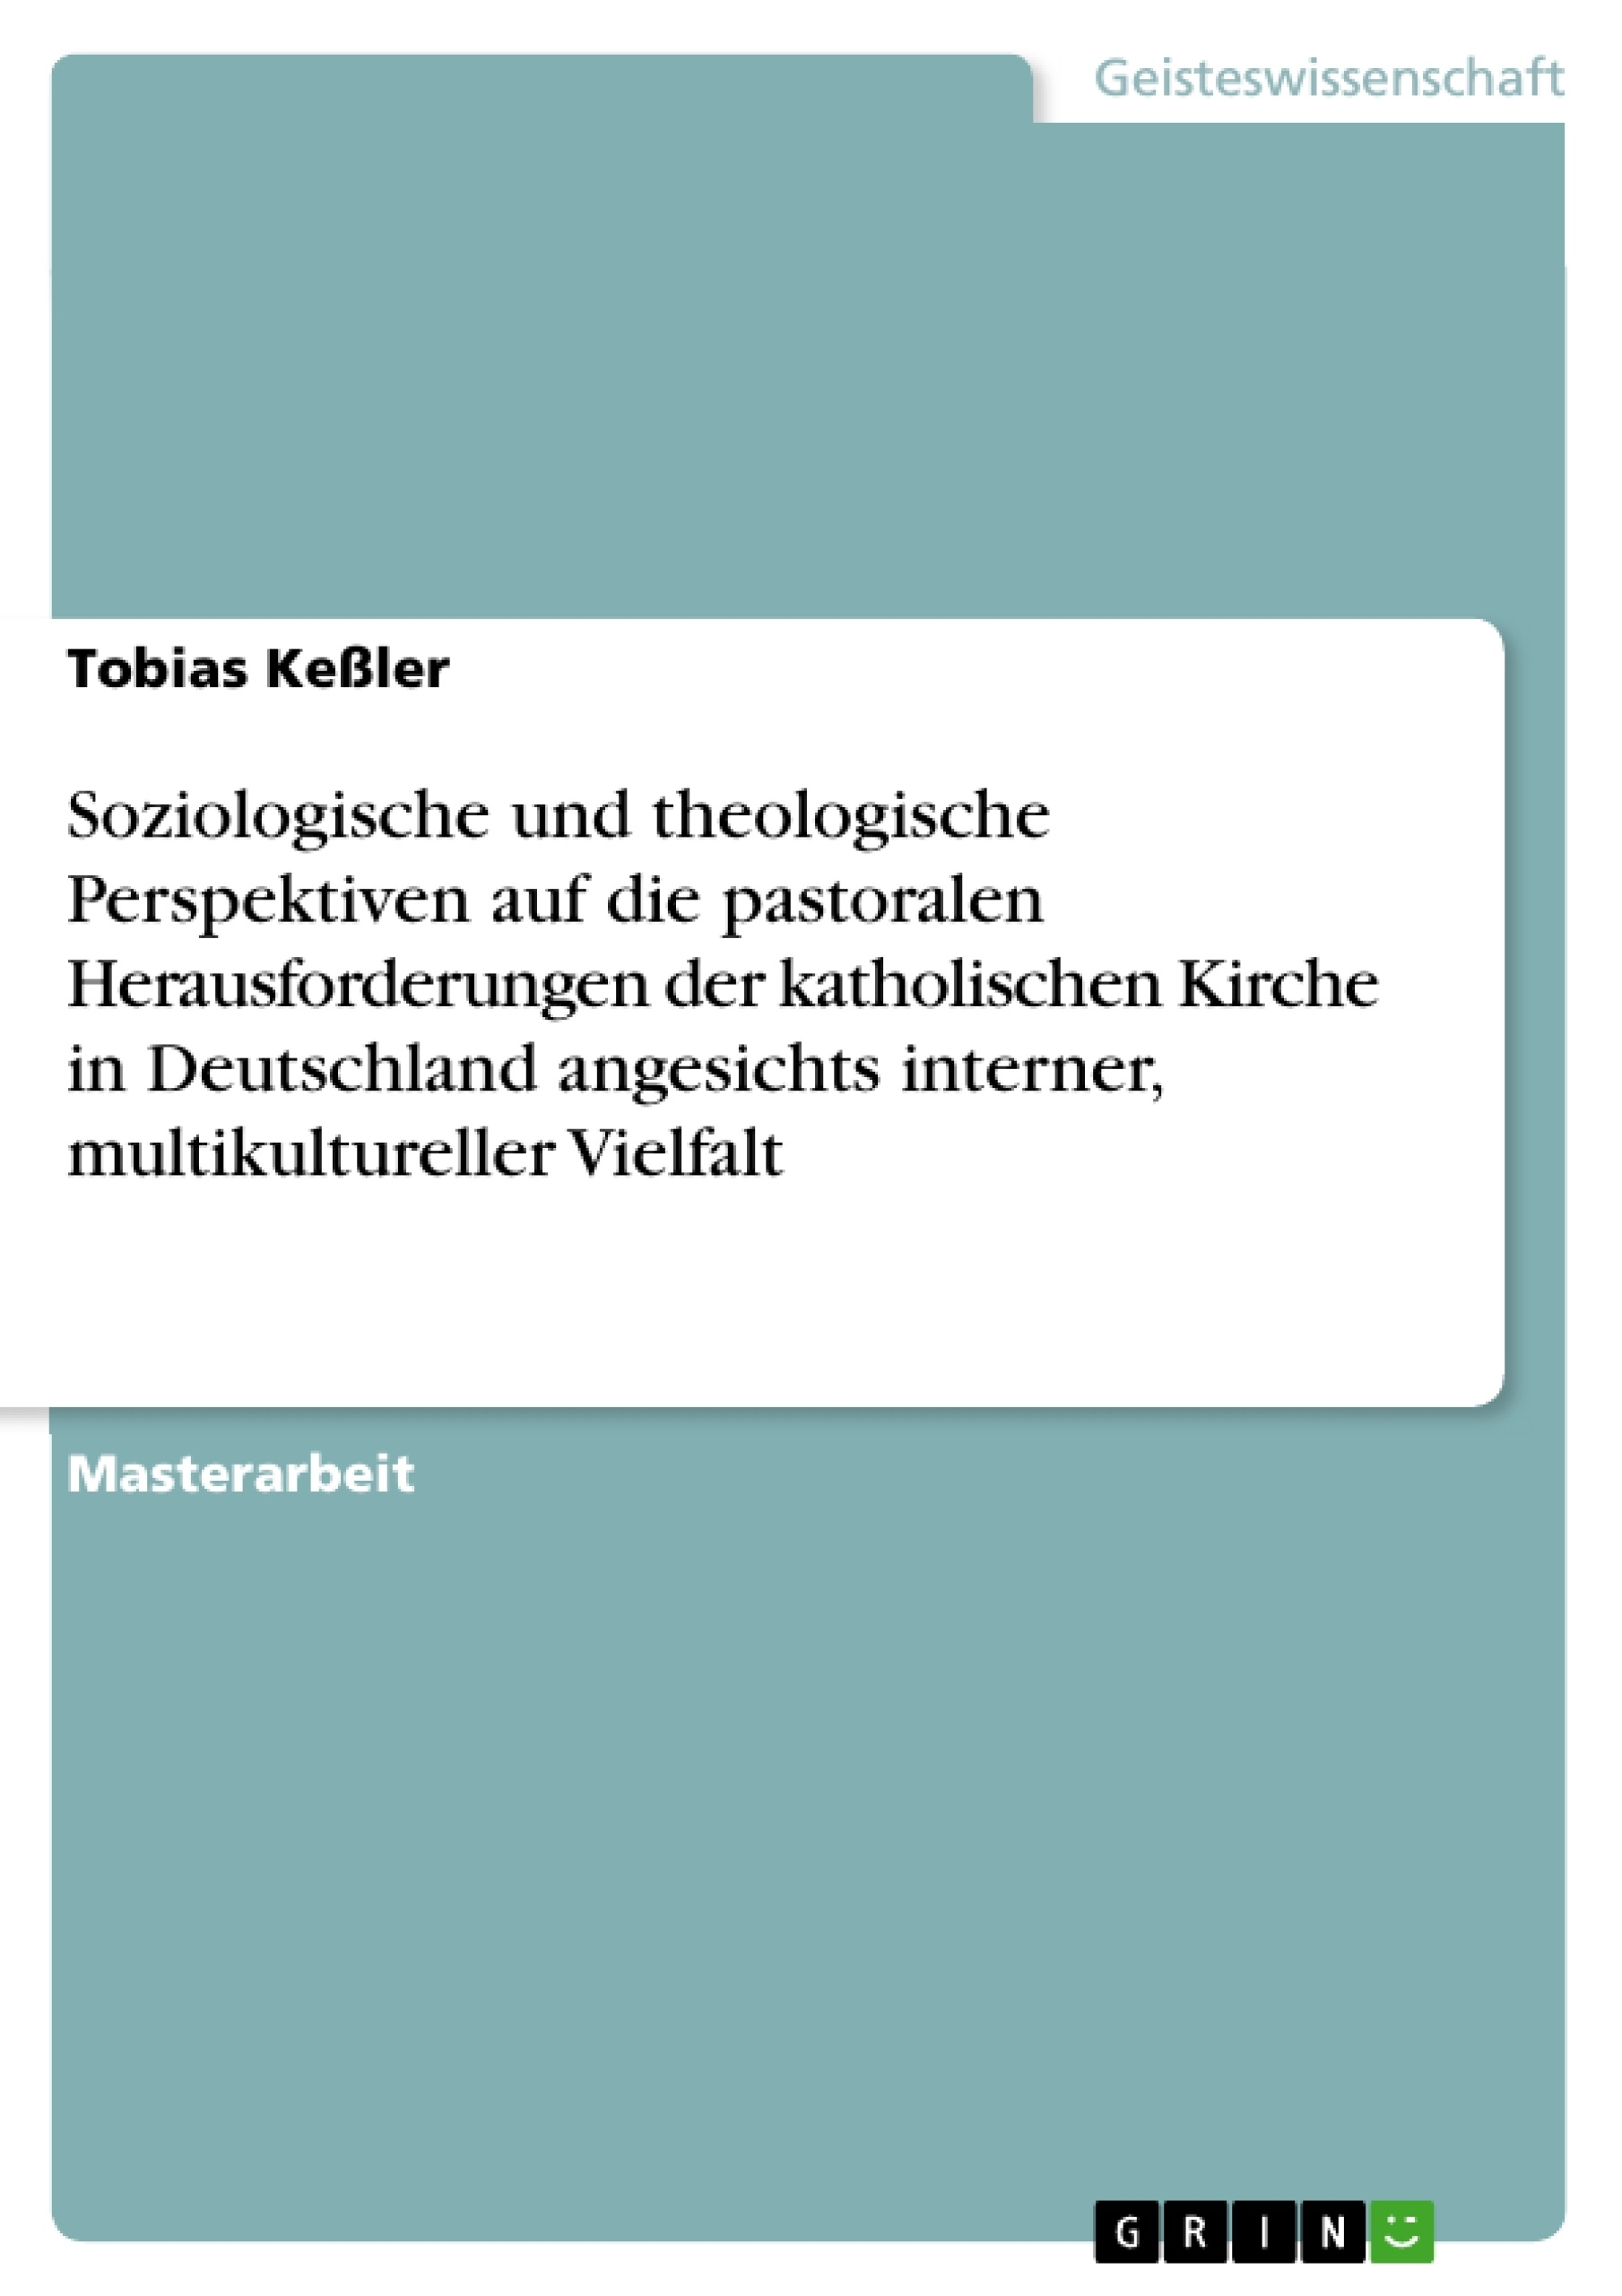 Titel: Soziologische und theologische Perspektiven auf die pastoralen Herausforderungen der katholischen Kirche in Deutschland angesichts interner, multikultureller Vielfalt